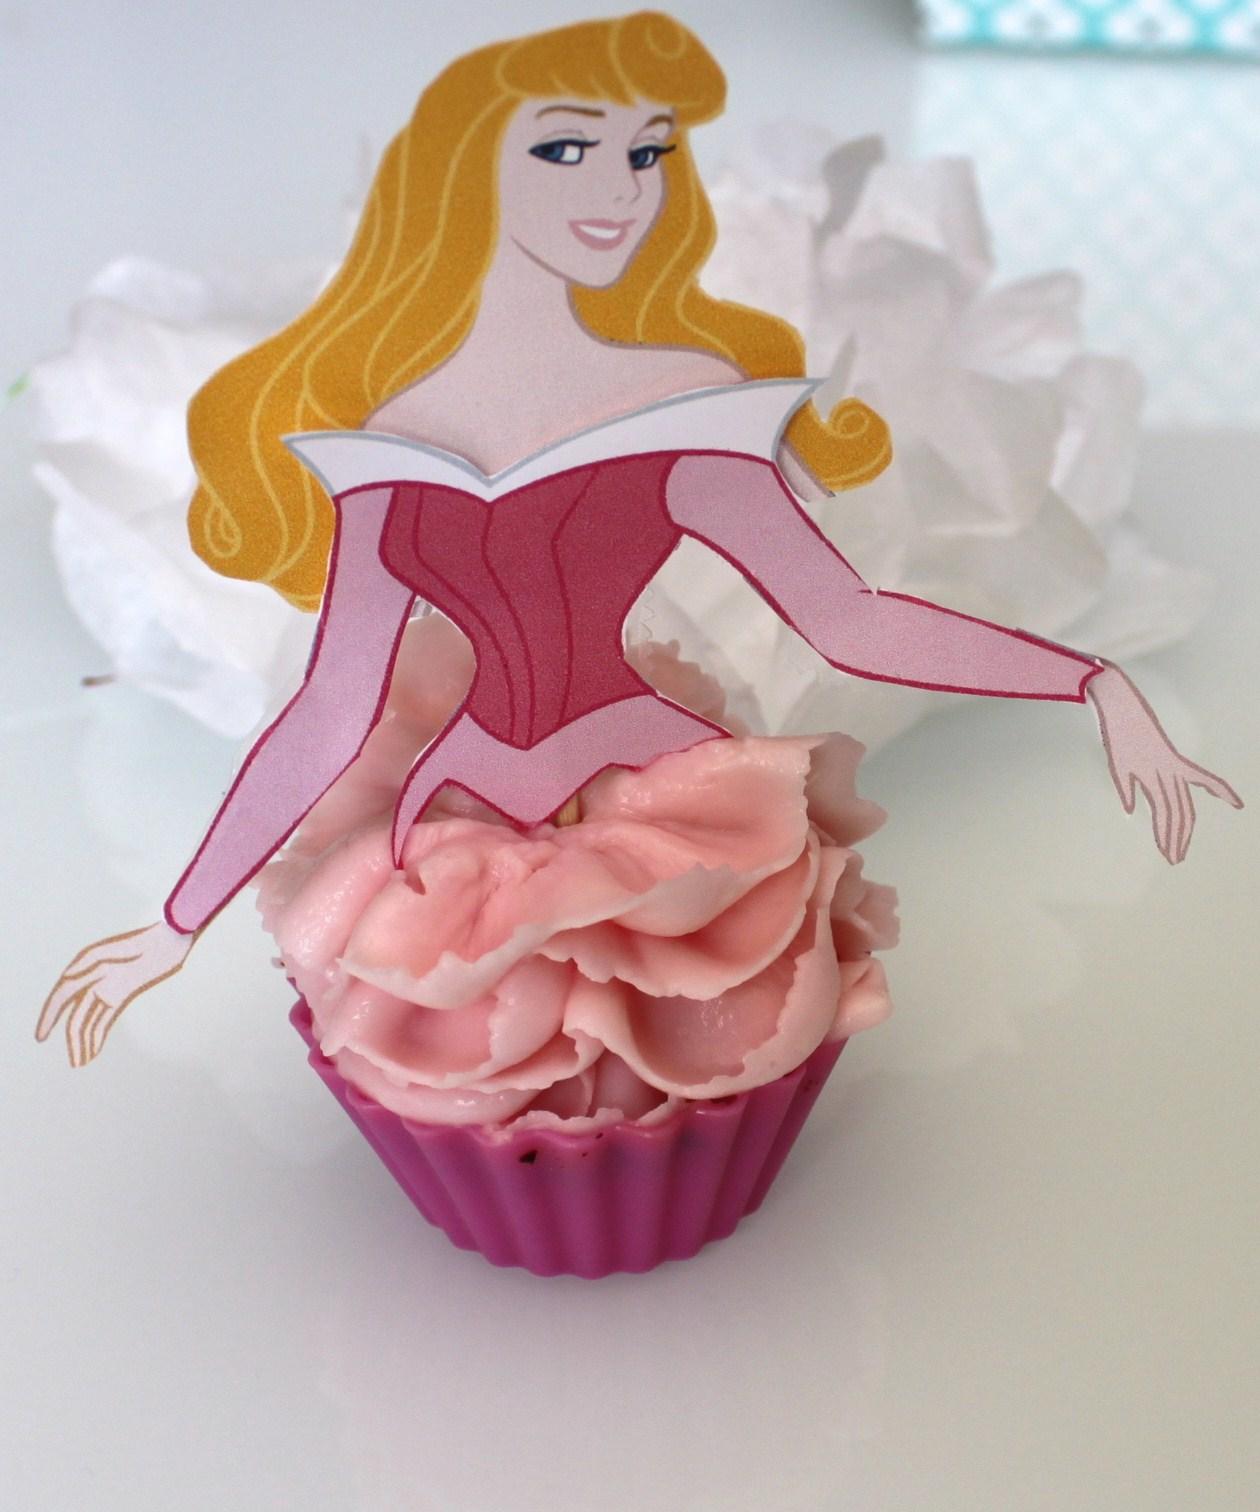 Organiser anniversaire cupcake princesse la fabricamania la fabricamania - Image de princesse ...